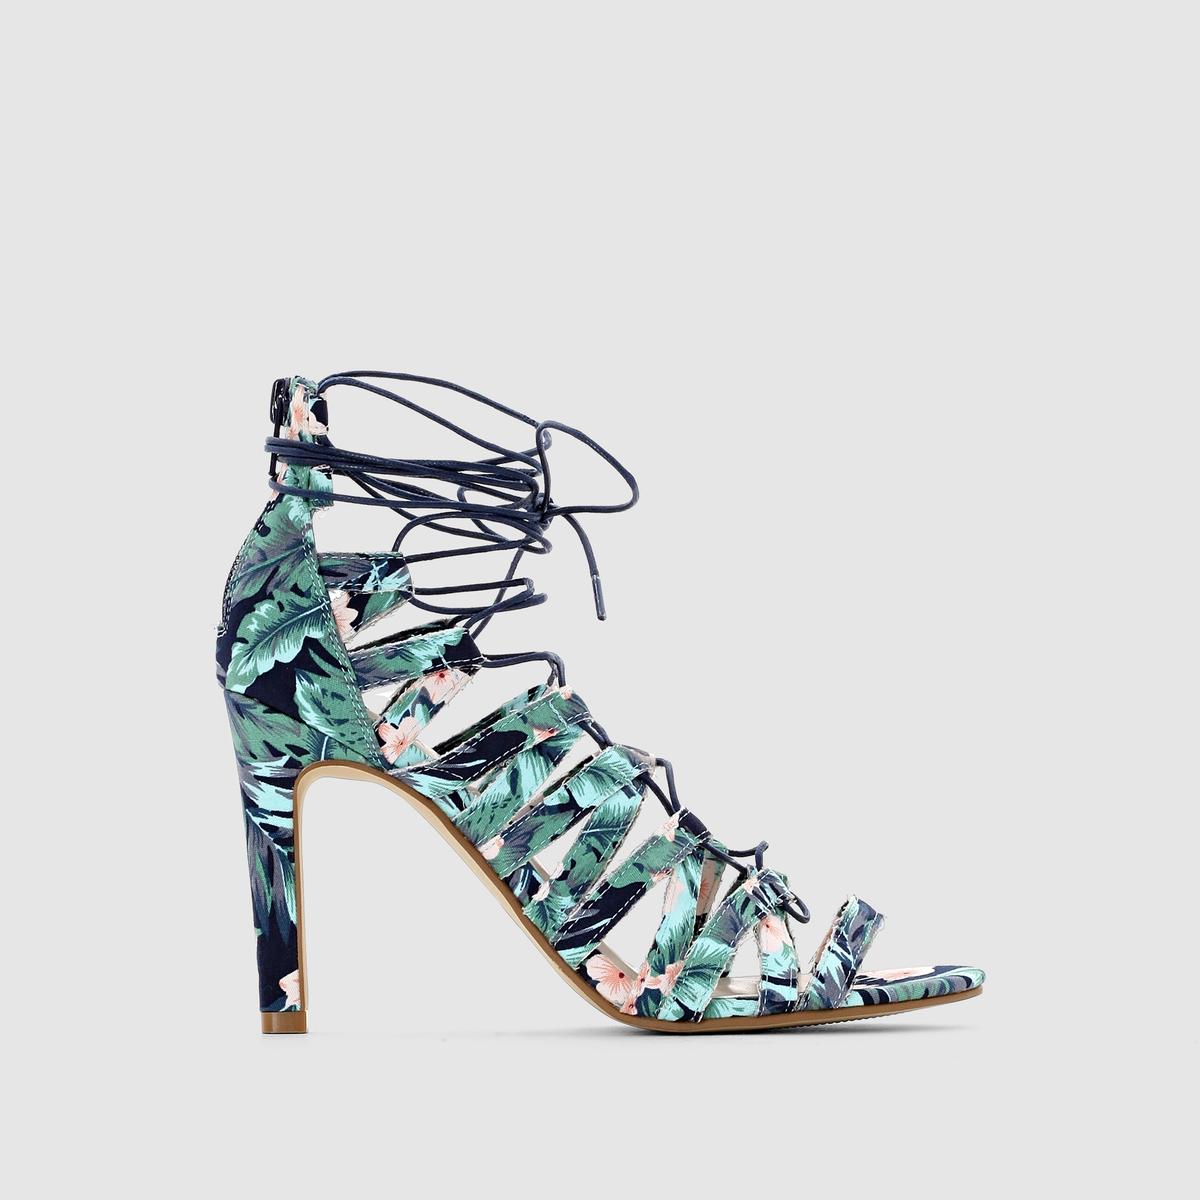 Босоножки на высоком каблукеОригинальная и женственная модель с разноцветным рисунком, источающая ощущение свободы. Застежка на шнуровку на щиколотке или икре.<br><br>Цвет: разноцветный<br>Размер: 37.38